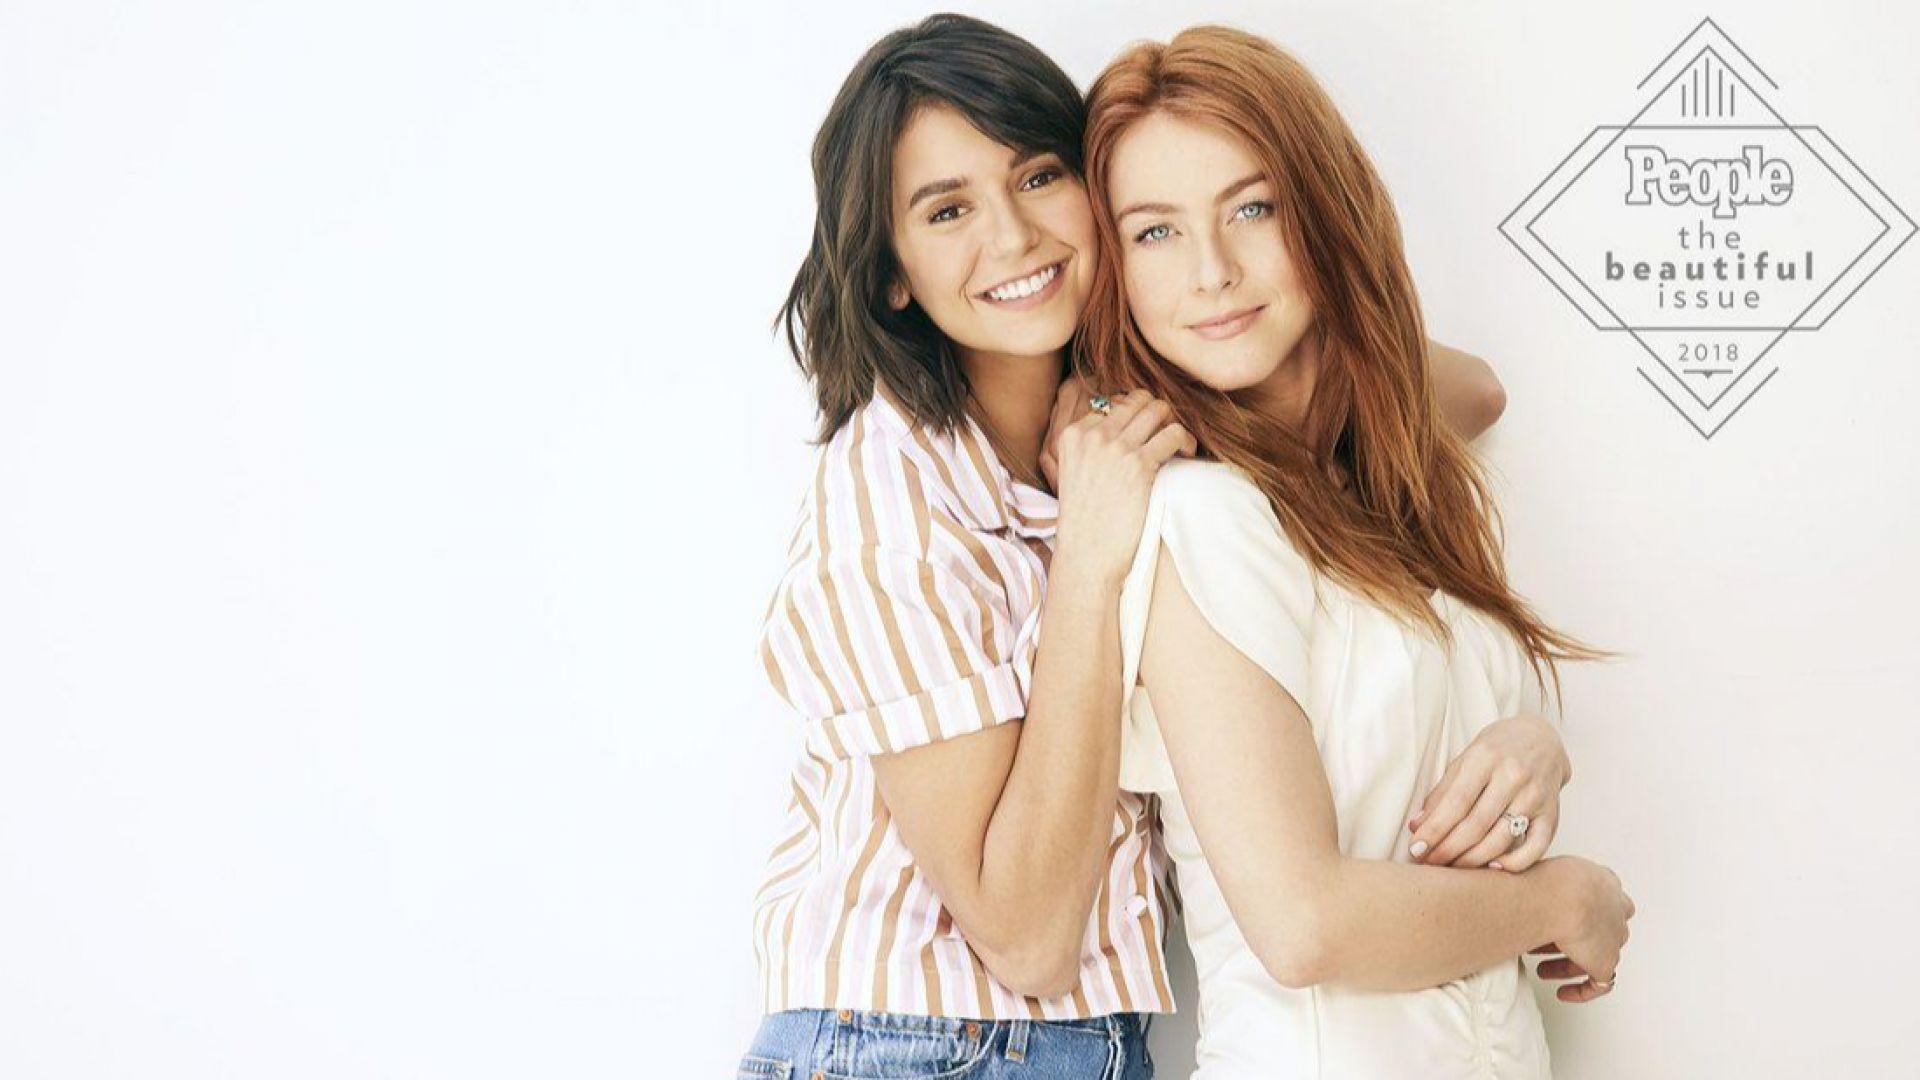 Коя е най-добрата приятелка на Нина Добрев